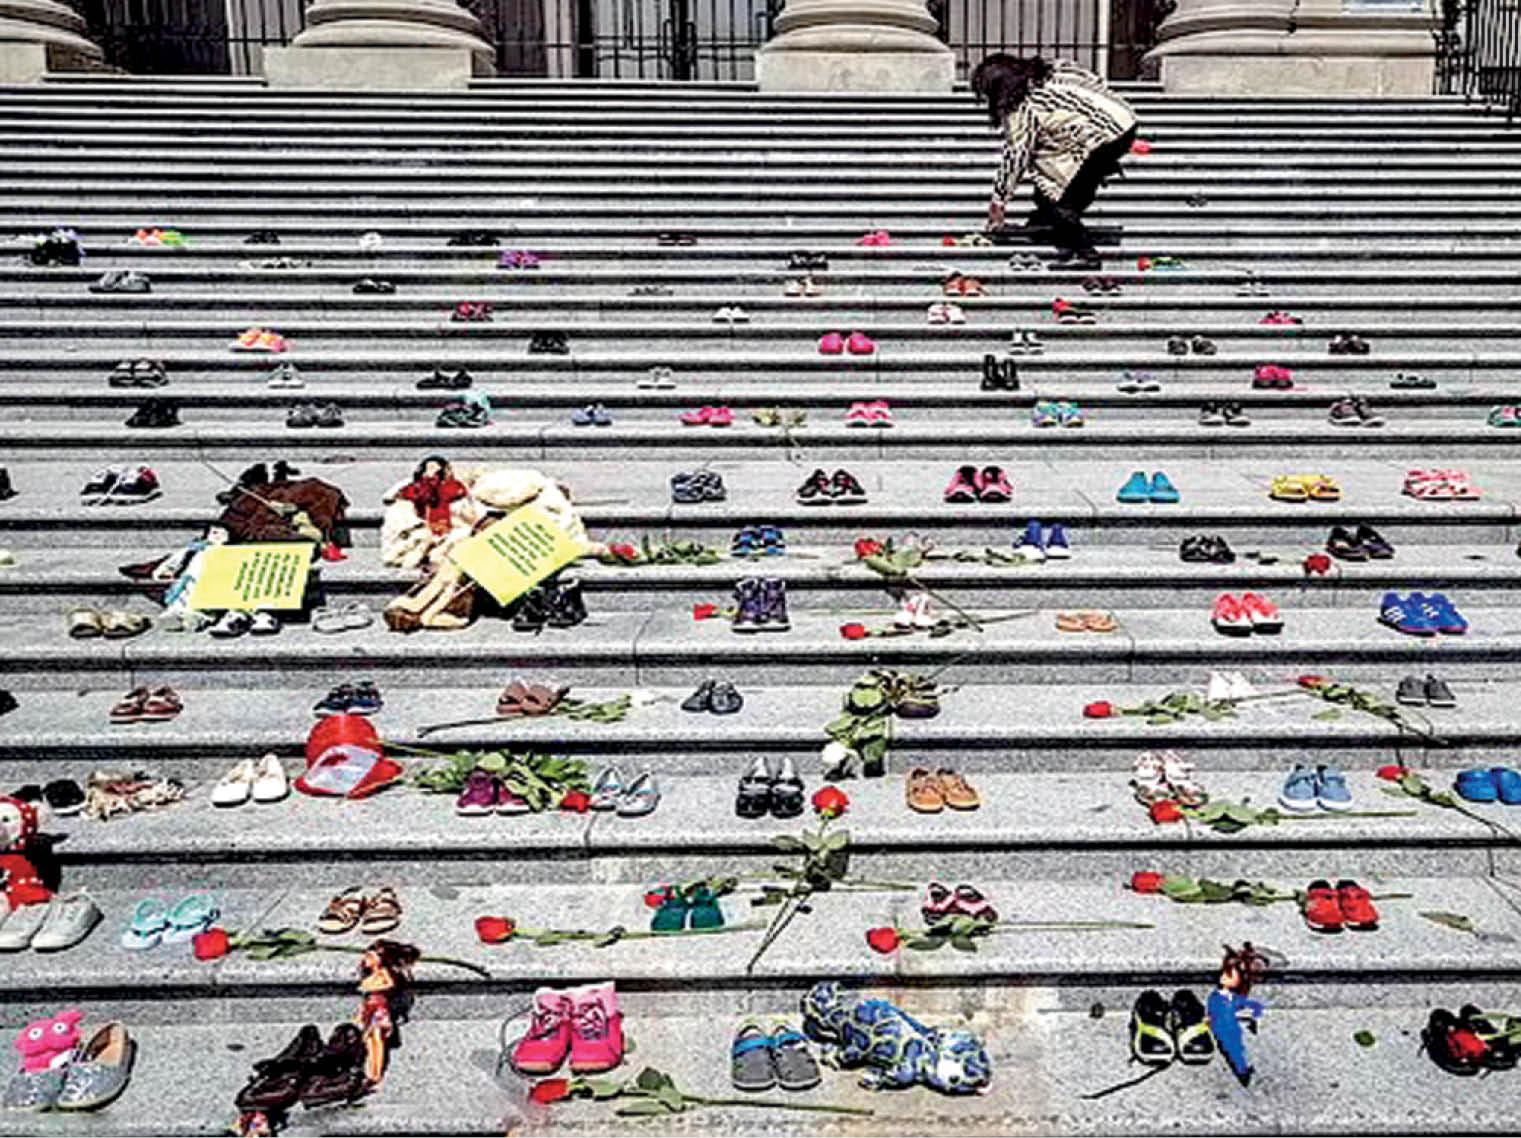 43 साल से बंद पड़े स्कूल में दबे मिले 215 बच्चों के अवशेष; वैंकूवर आर्ट गैलरी की सीढ़ियों पर 215 जोड़ी जूतों से श्रद्धांजलि|विदेश,International - Dainik Bhaskar